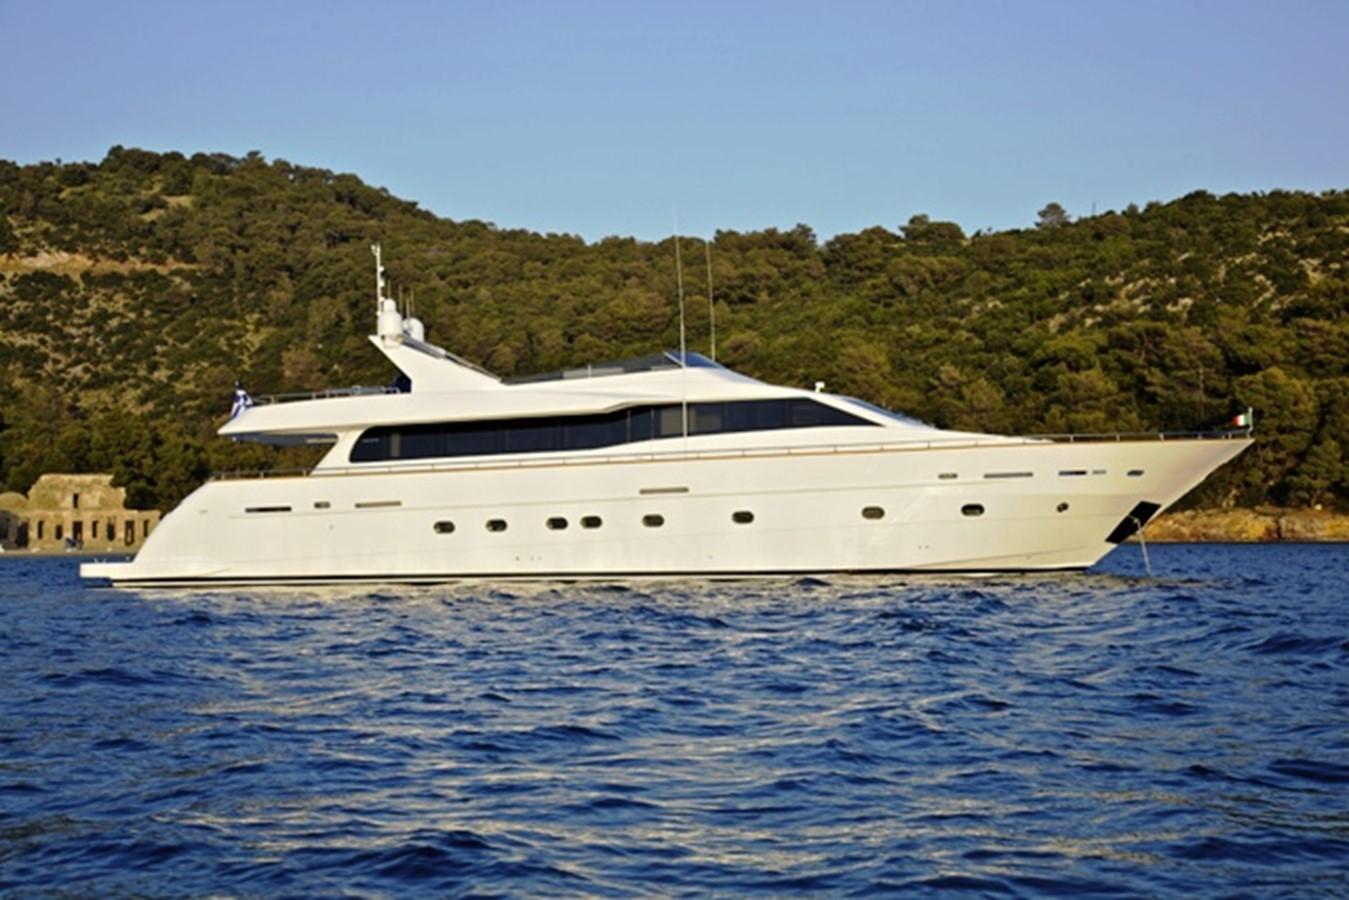 GIOE I yacht for sale